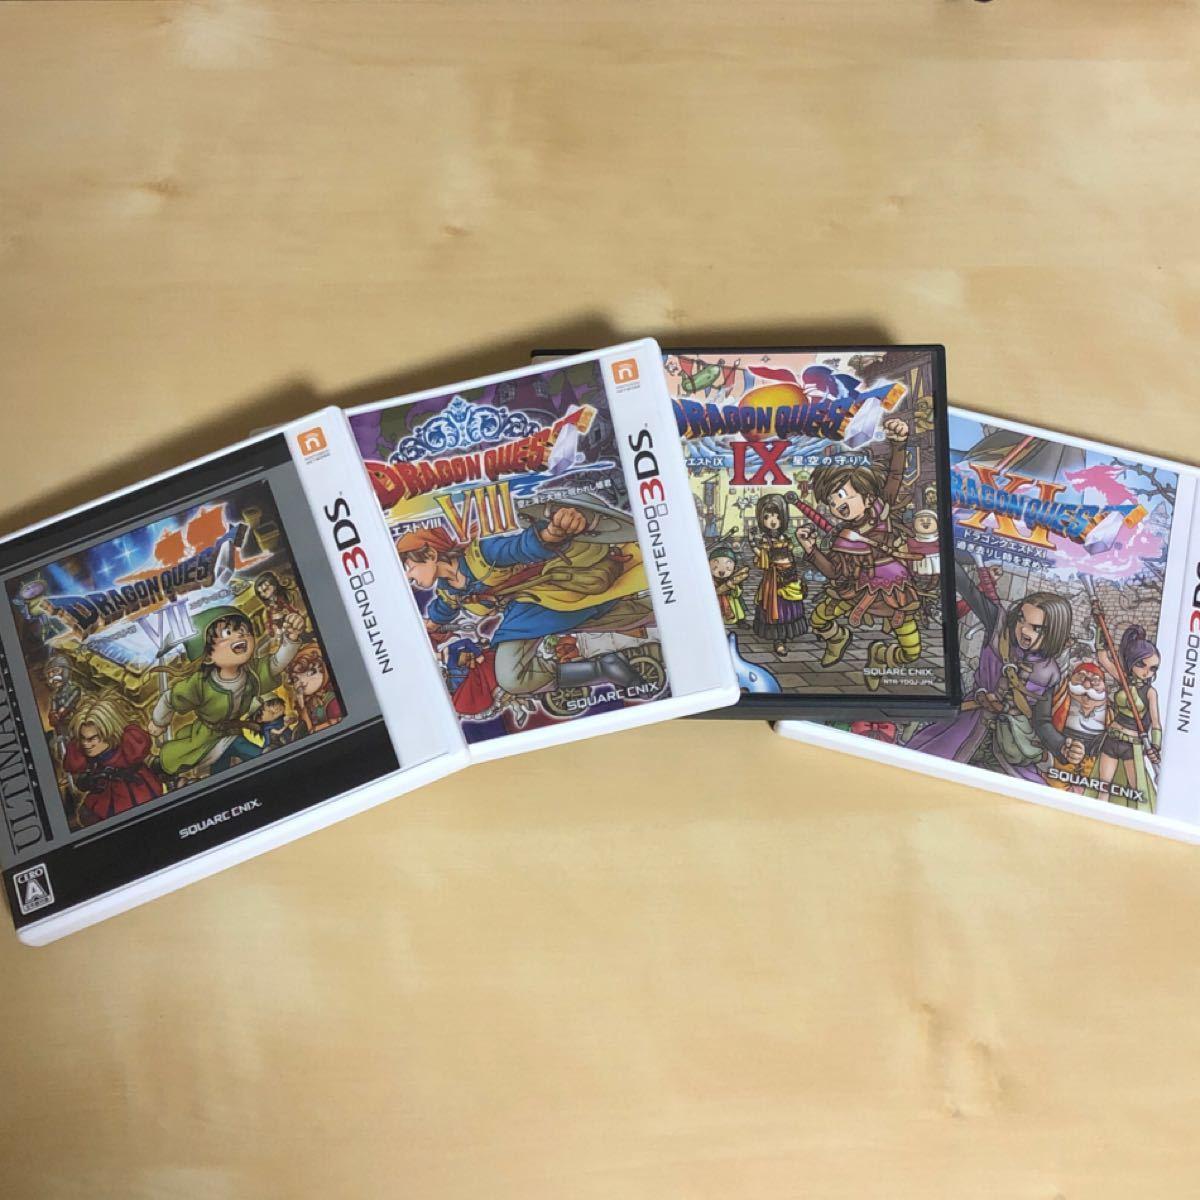 ドラゴンクエスト7.8.9.11  ドラゴンクエストモンスターズジョーカー1.2  Newスーパーマリオブラザーズ2 セット